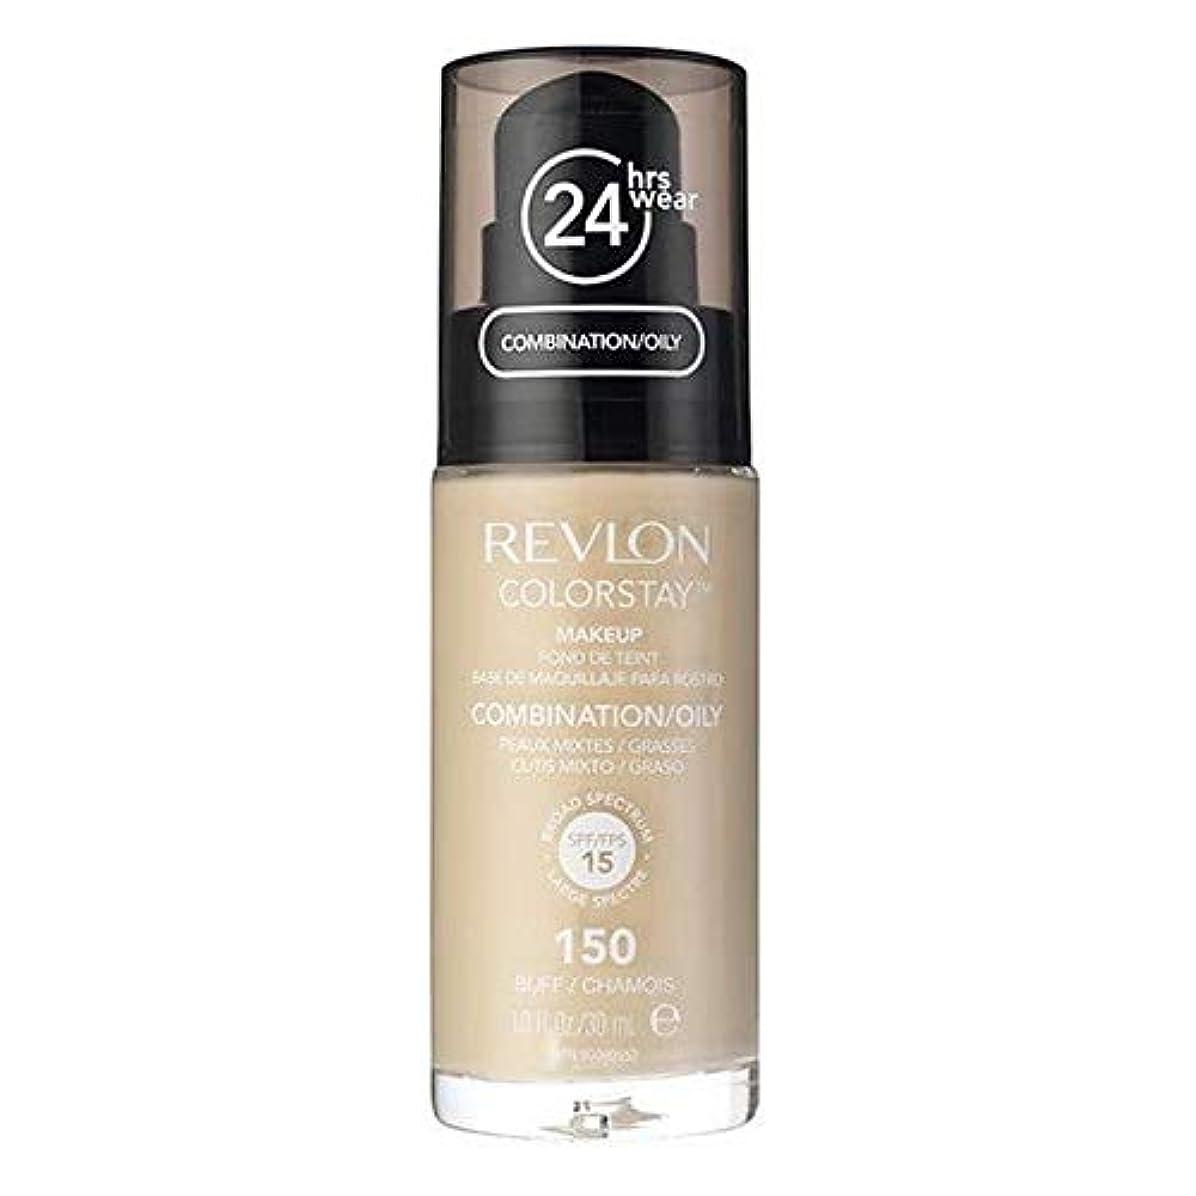 ゾーン出来事道路[Revlon ] レブロンカラーステイ基盤コンビ/油性バフ30ミリリットル - Revlon Color Stay Foundation Combi/Oily Buff 30ml [並行輸入品]